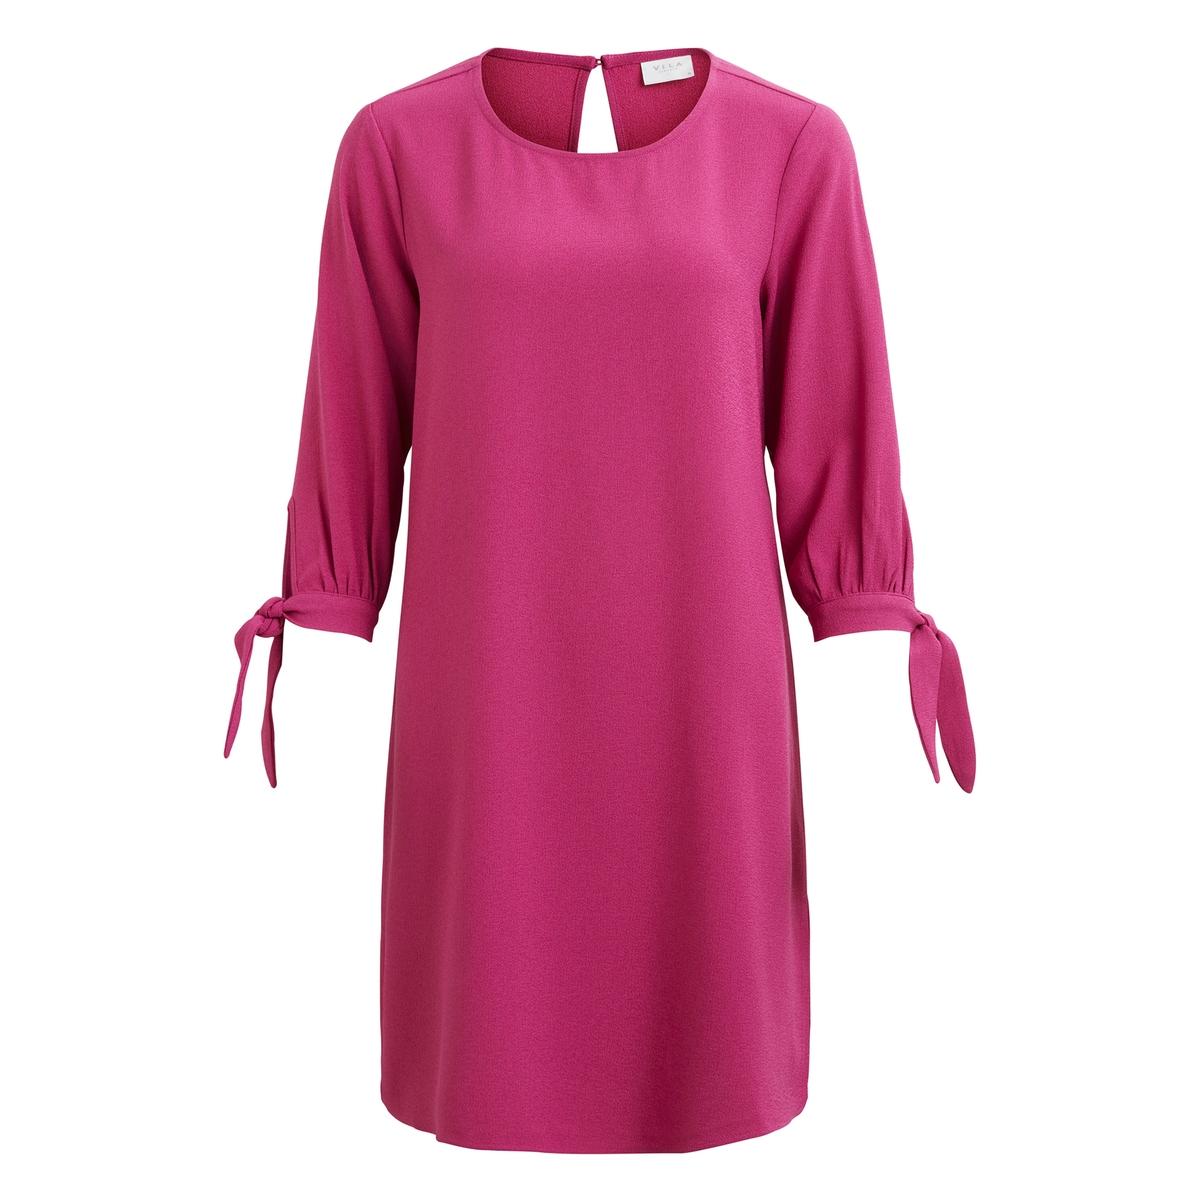 цена Платье La Redoute Прямое средней длины однотонное с короткими рукавами XS розовый онлайн в 2017 году